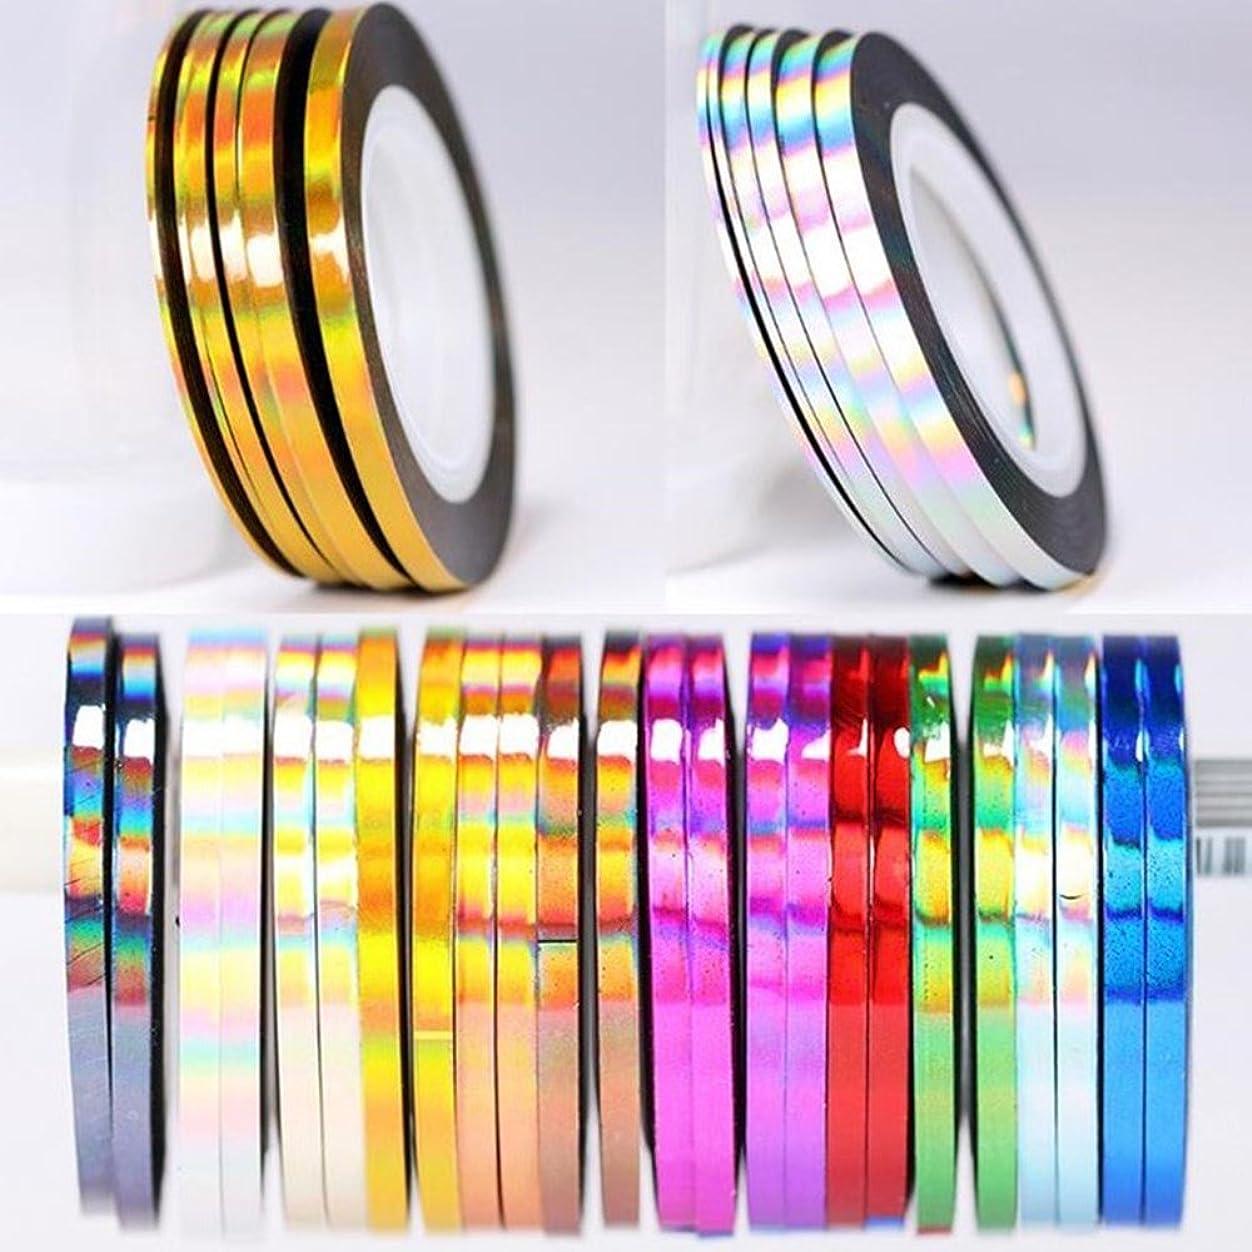 壊す読者発掘するBlueZOO (ブルーズー) レーザーラインテープ 幅0.8mm/2mm/3mm ジェルネイルアート用品 輝き ゴールド シルバー フレンチ ライン テープ ネイルシール ストライピングテープ 爪 アクセサリー